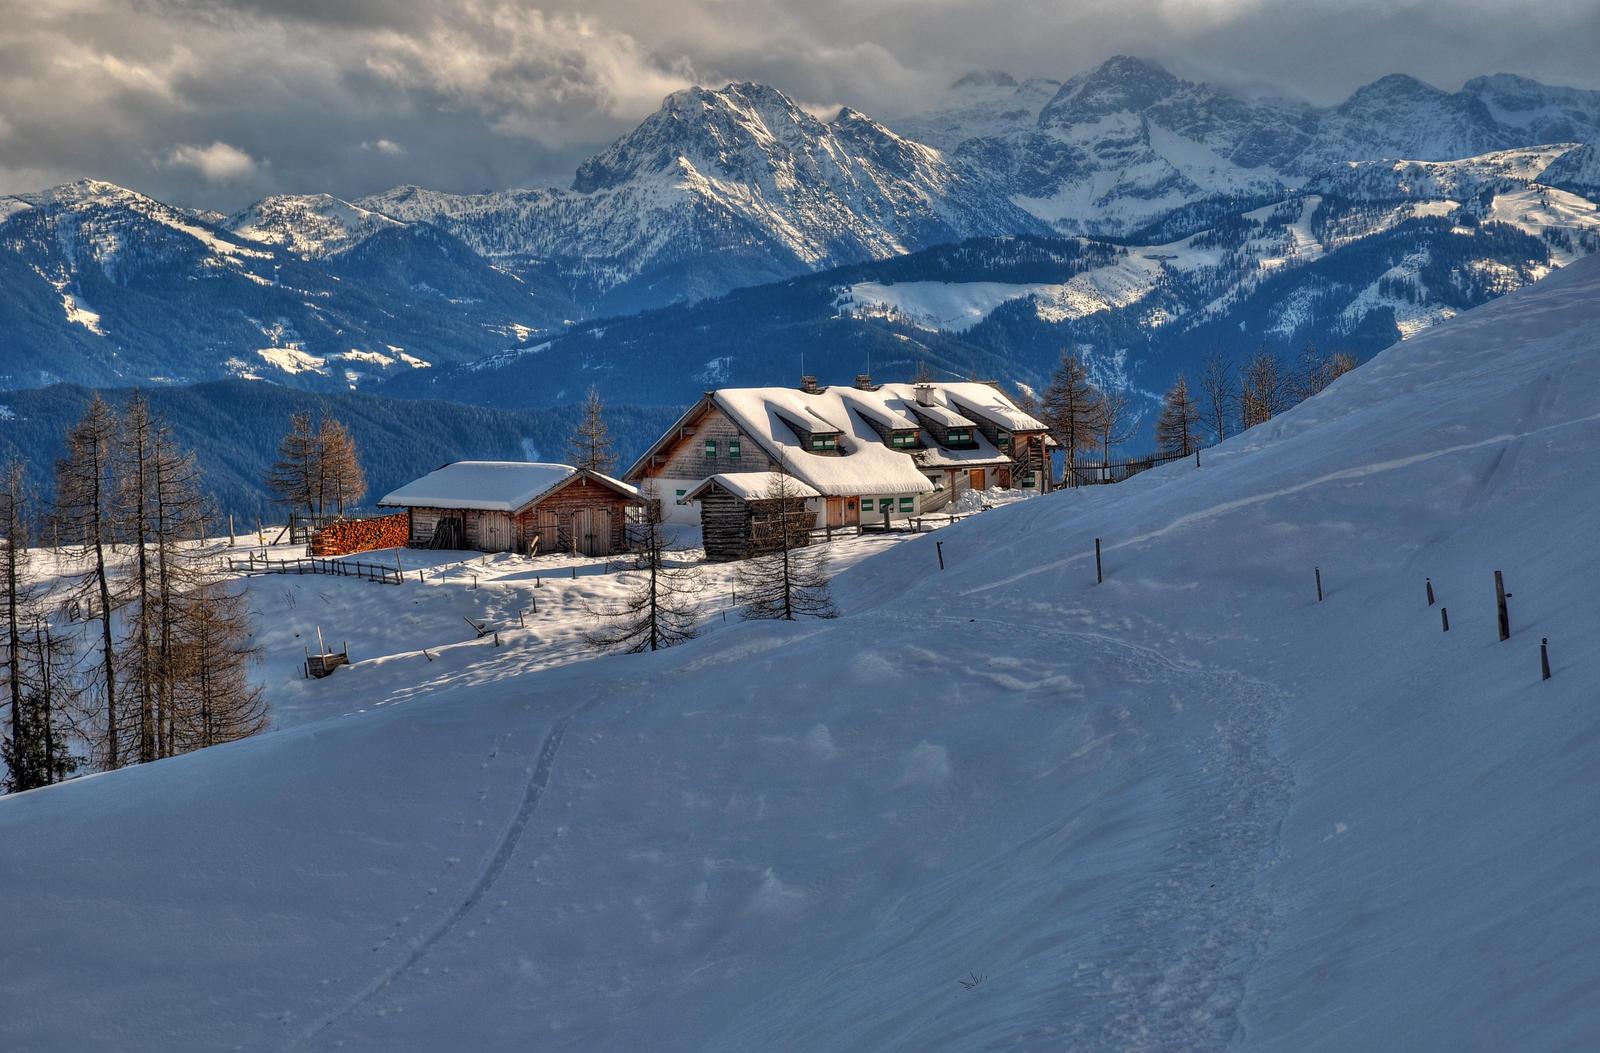 January Mountain Scene by Burtn